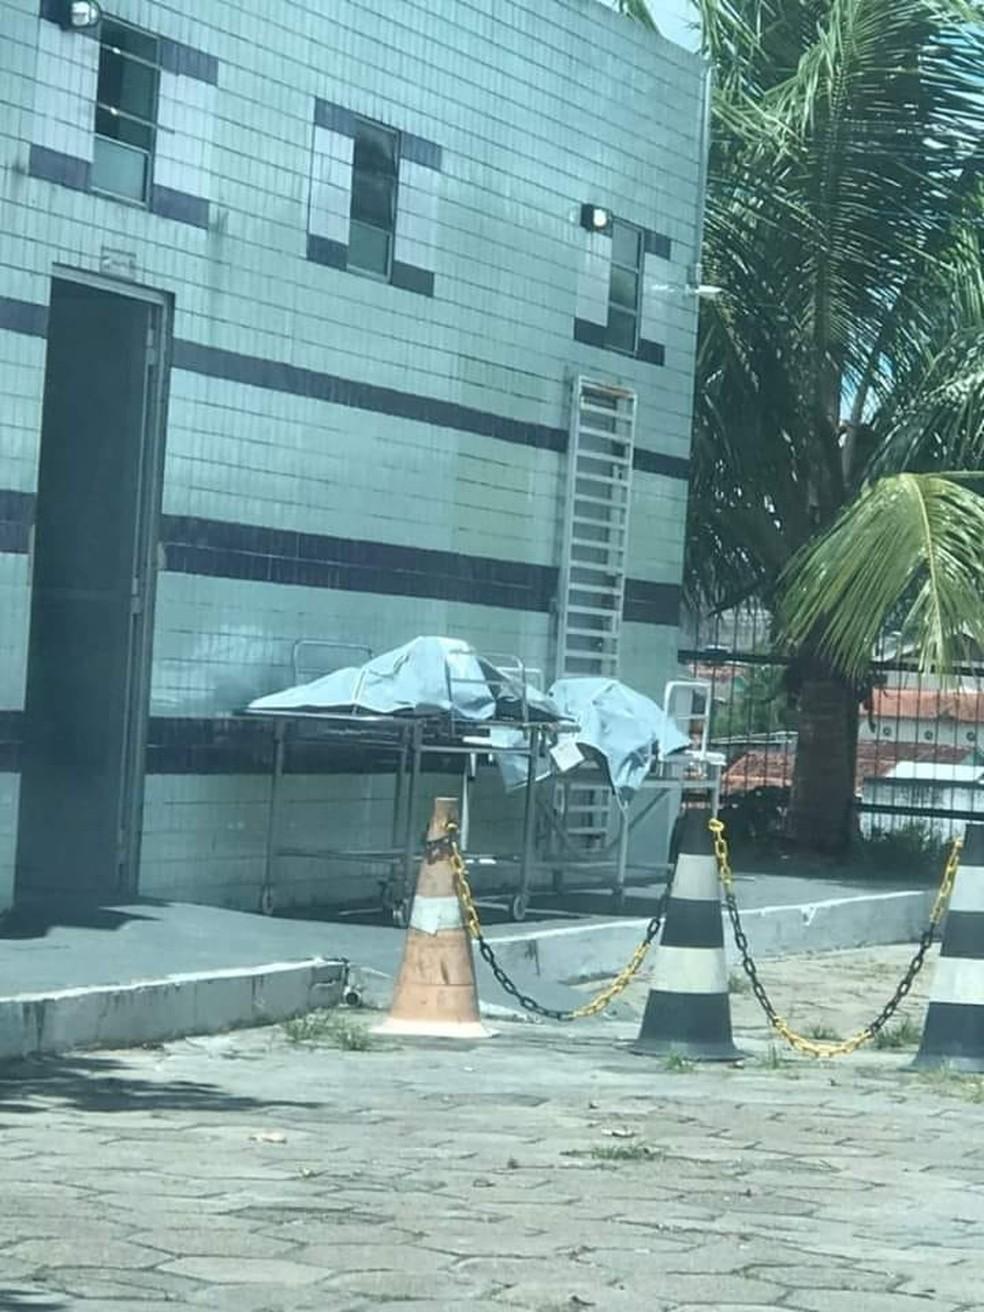 Imagem que circula em redes sociais mostra corpos deixados fora de necrotério em SPA de Manaus. — Foto: Reprodução/Redes Sociais